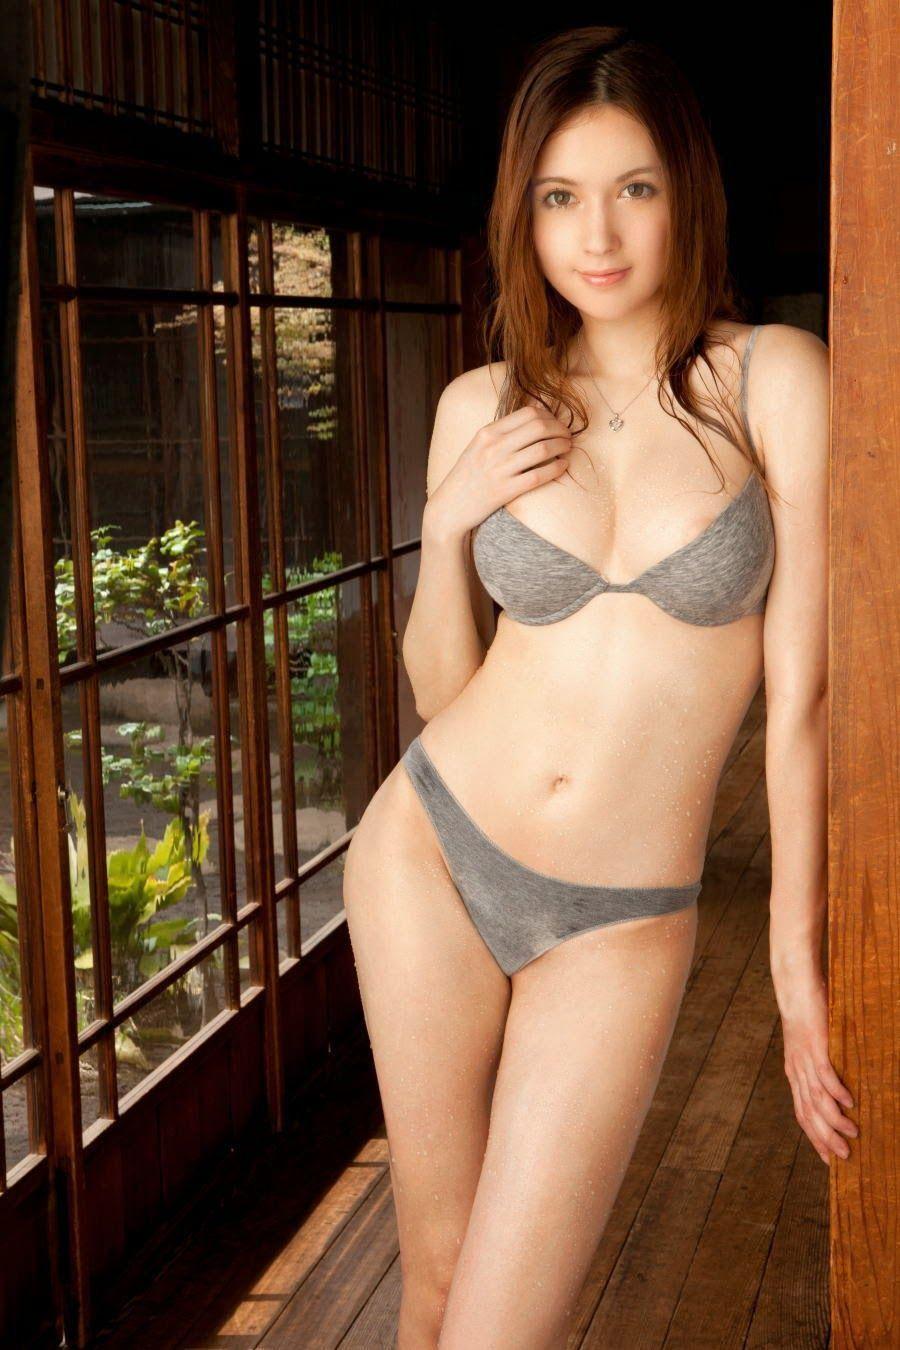 Elke sommer totally nude